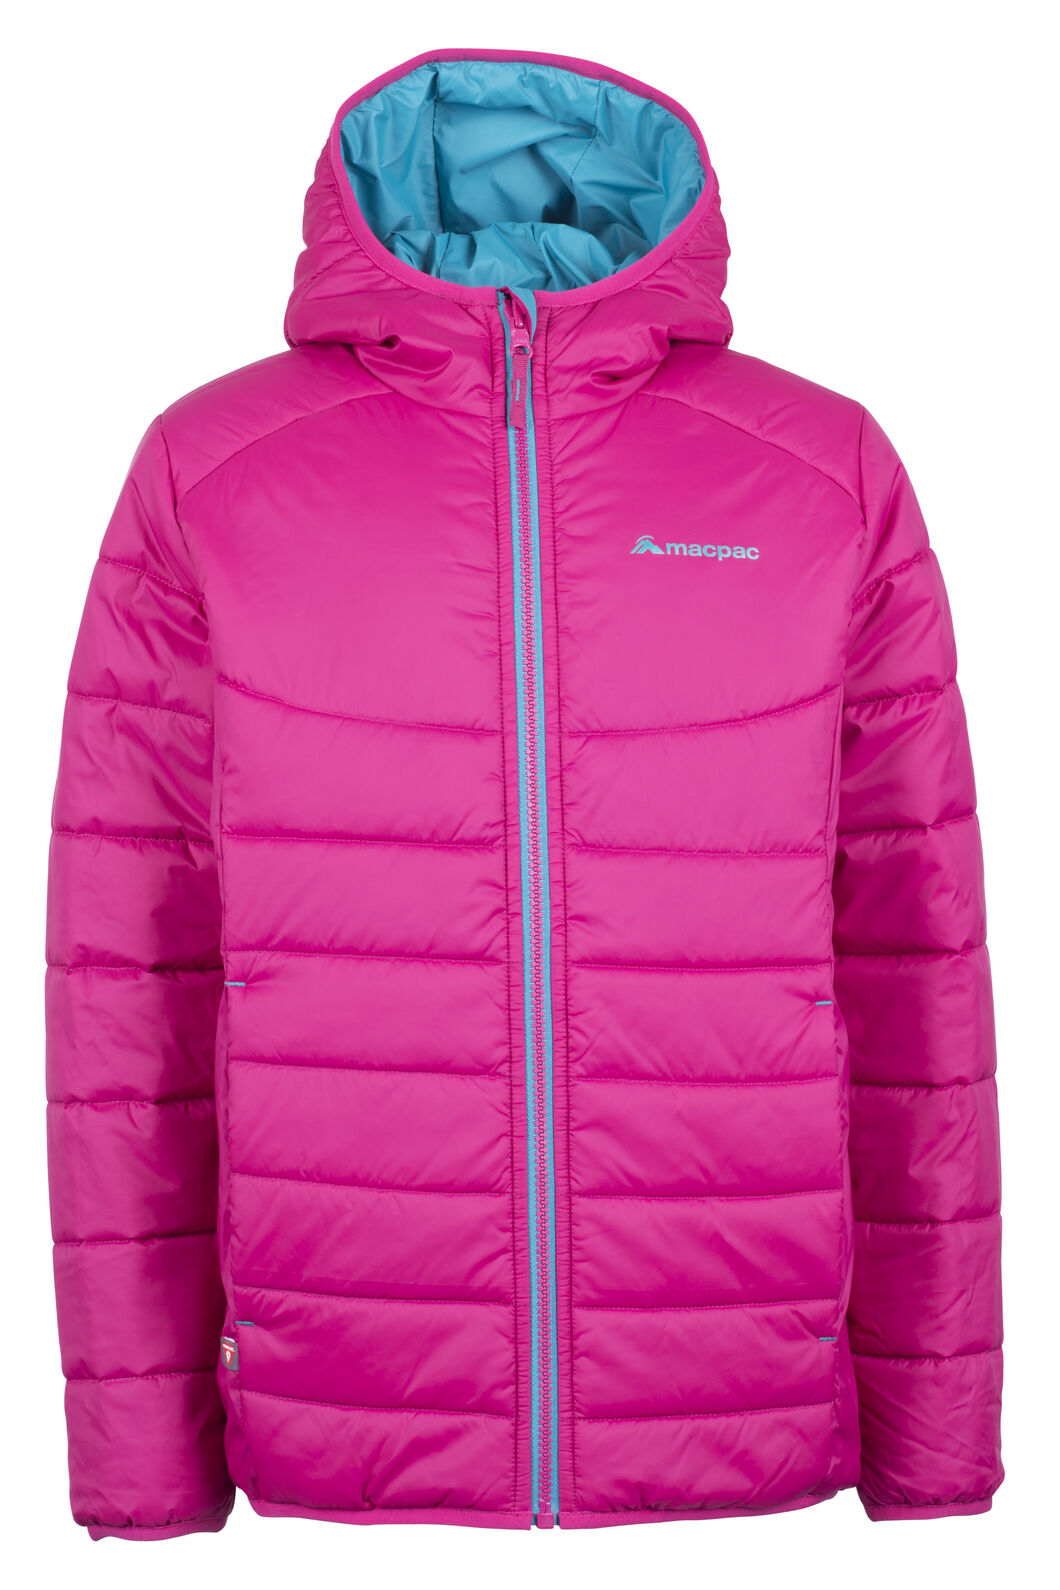 Pulsar Hooded Primaloft® SILVER Jacket - Kids', Sangria, hi-res